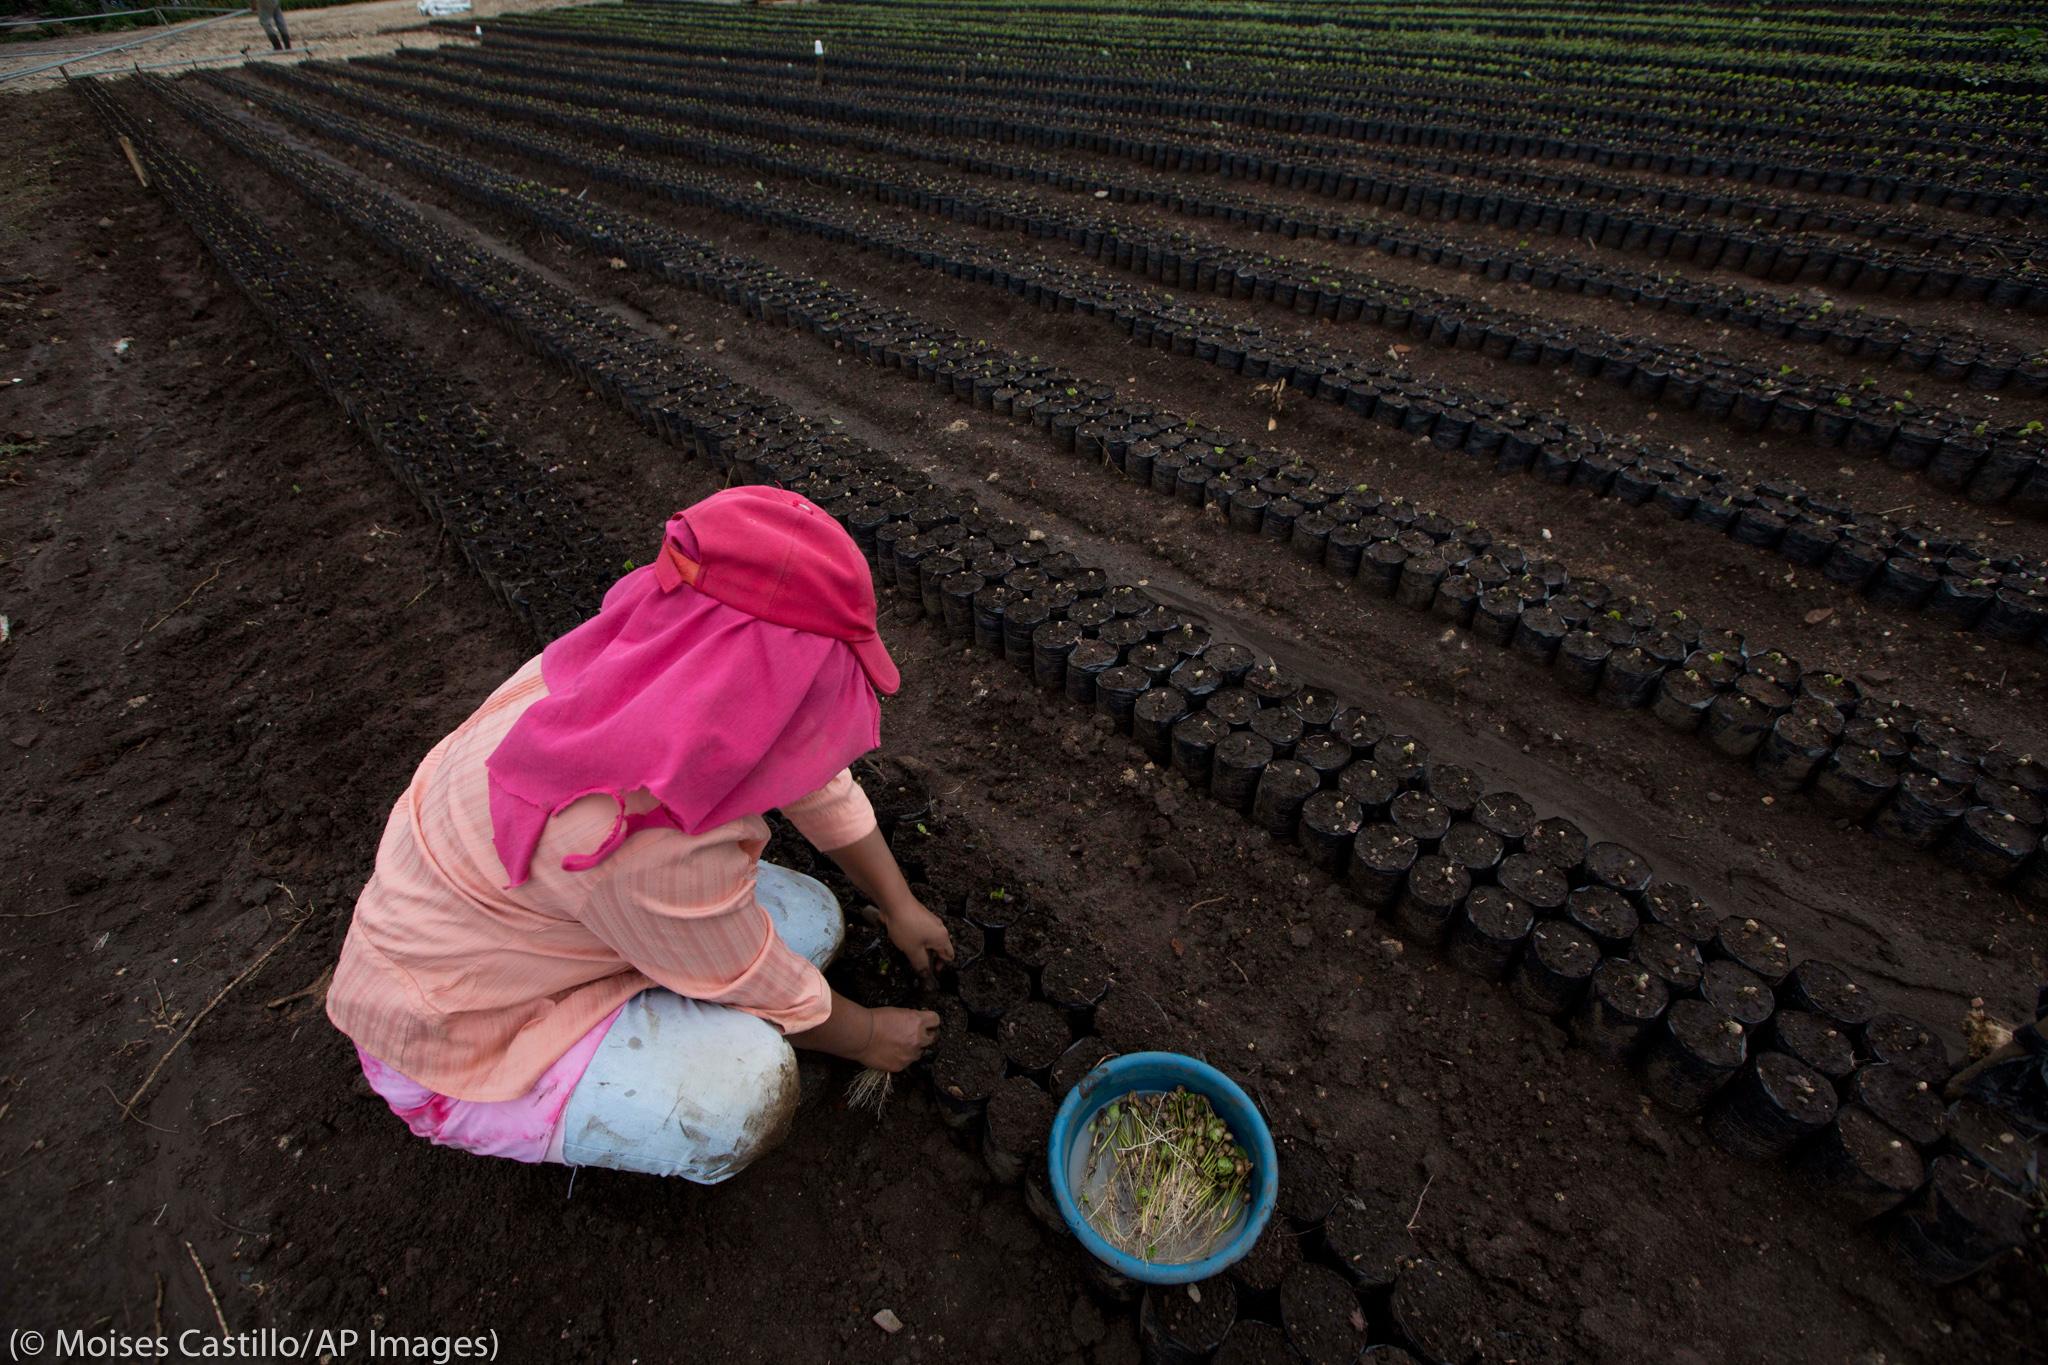 Une femme en train de planter des plants de caféiers dans un champ (© Moises Castillo/AP Images)